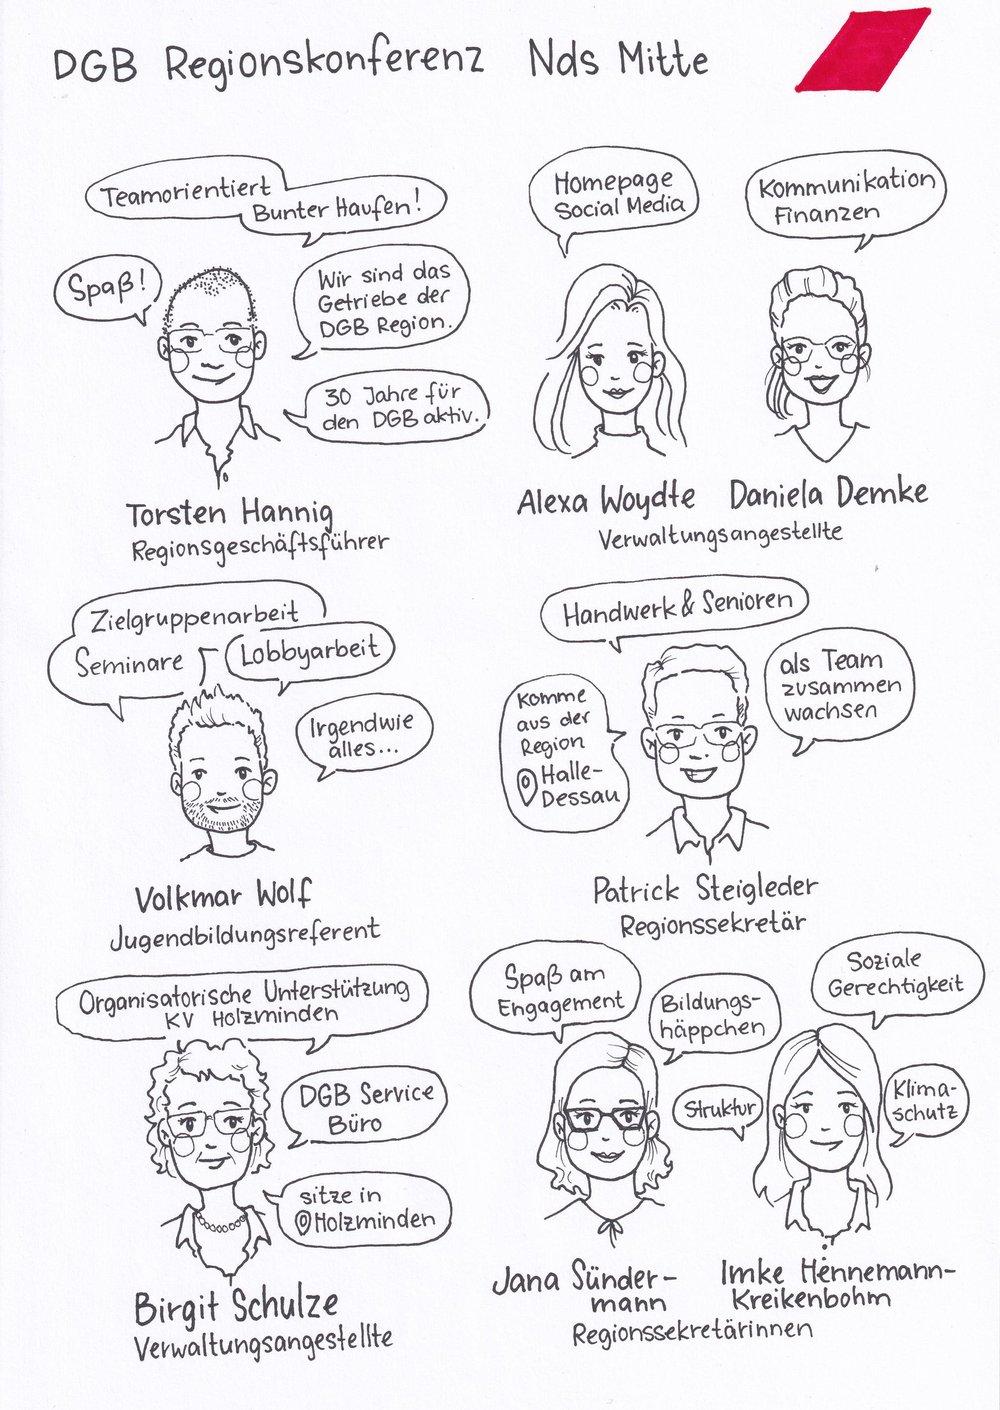 Sketchnote: Die KollegInnen der DGB-Region Niedersachsen-Mitte